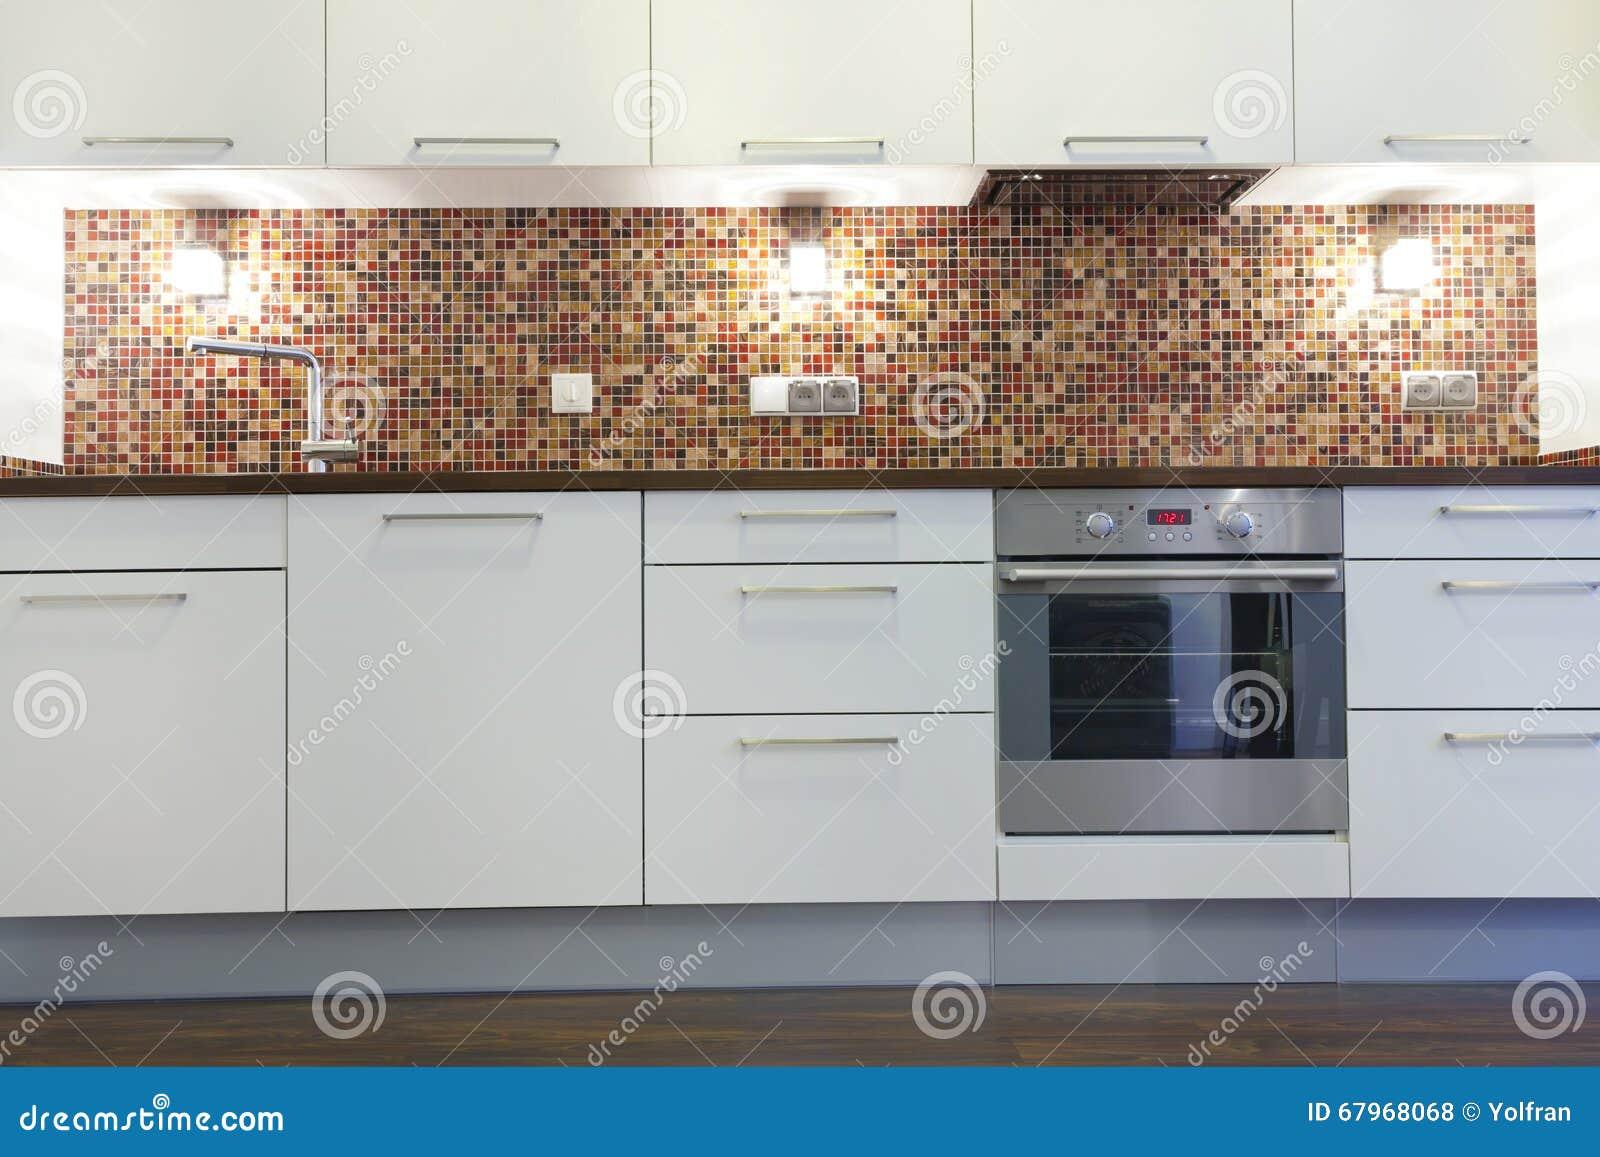 Cuisine Blanche Mur Coloré nouvelle cuisine blanche avec les appareils inoxydables, mur